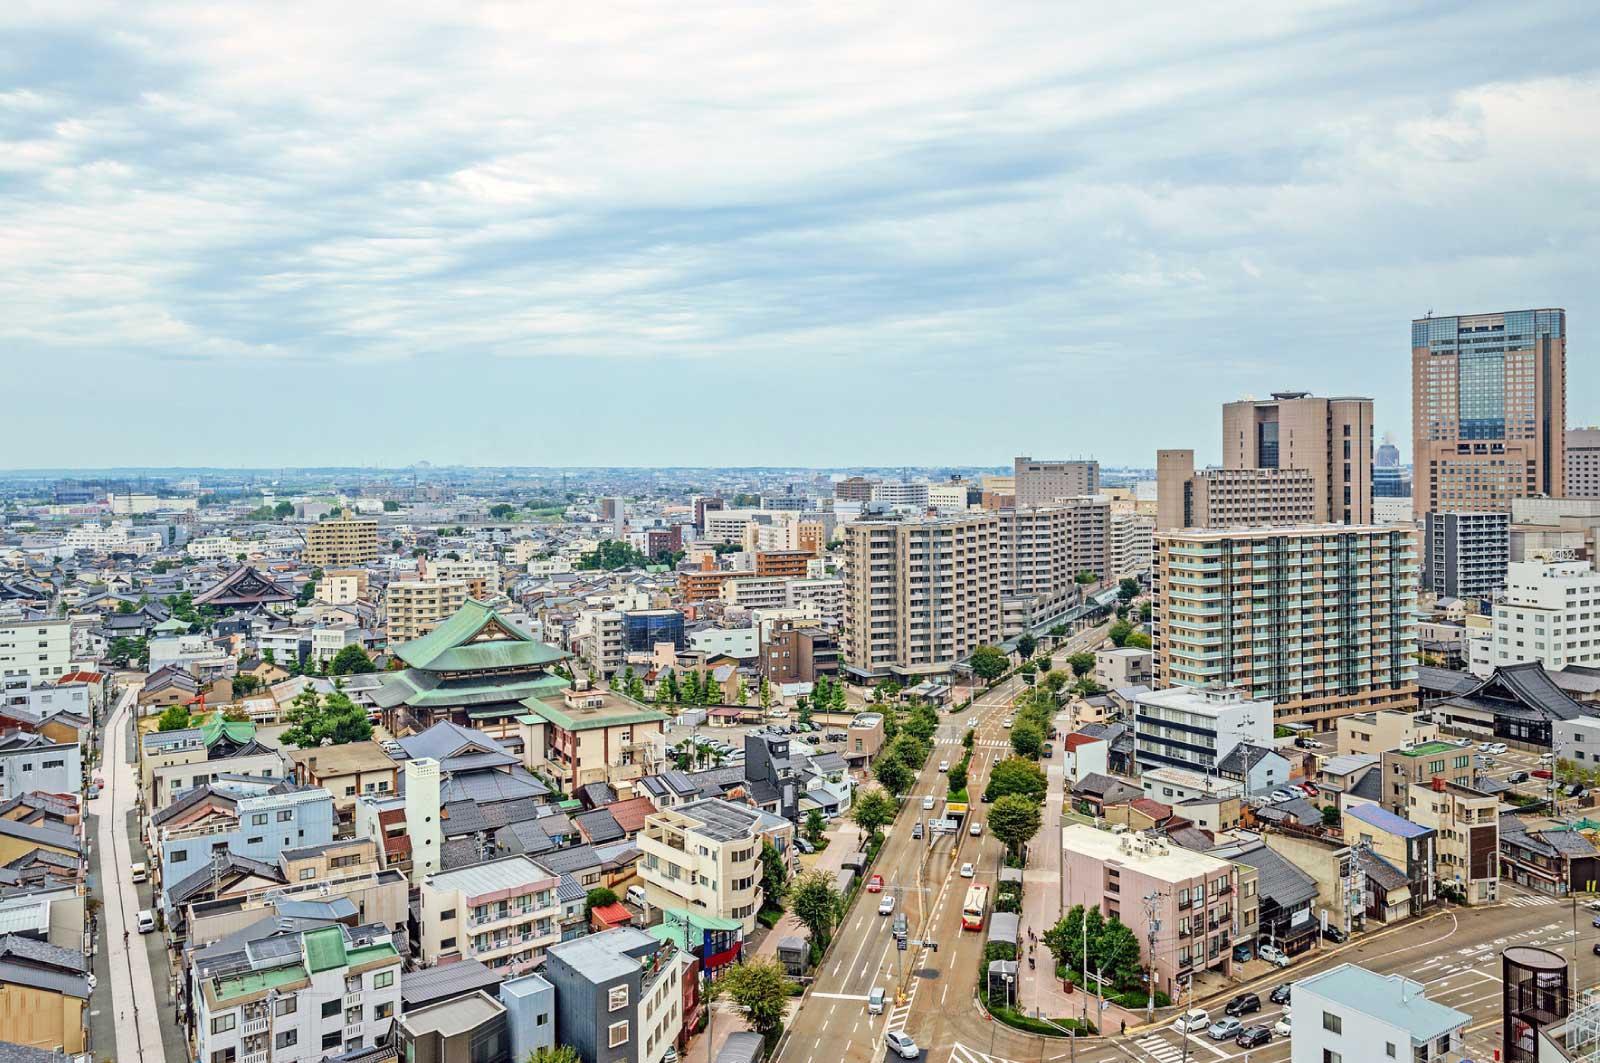 やっぱり自分は金沢で生まれたんだなあと感慨深くもなります